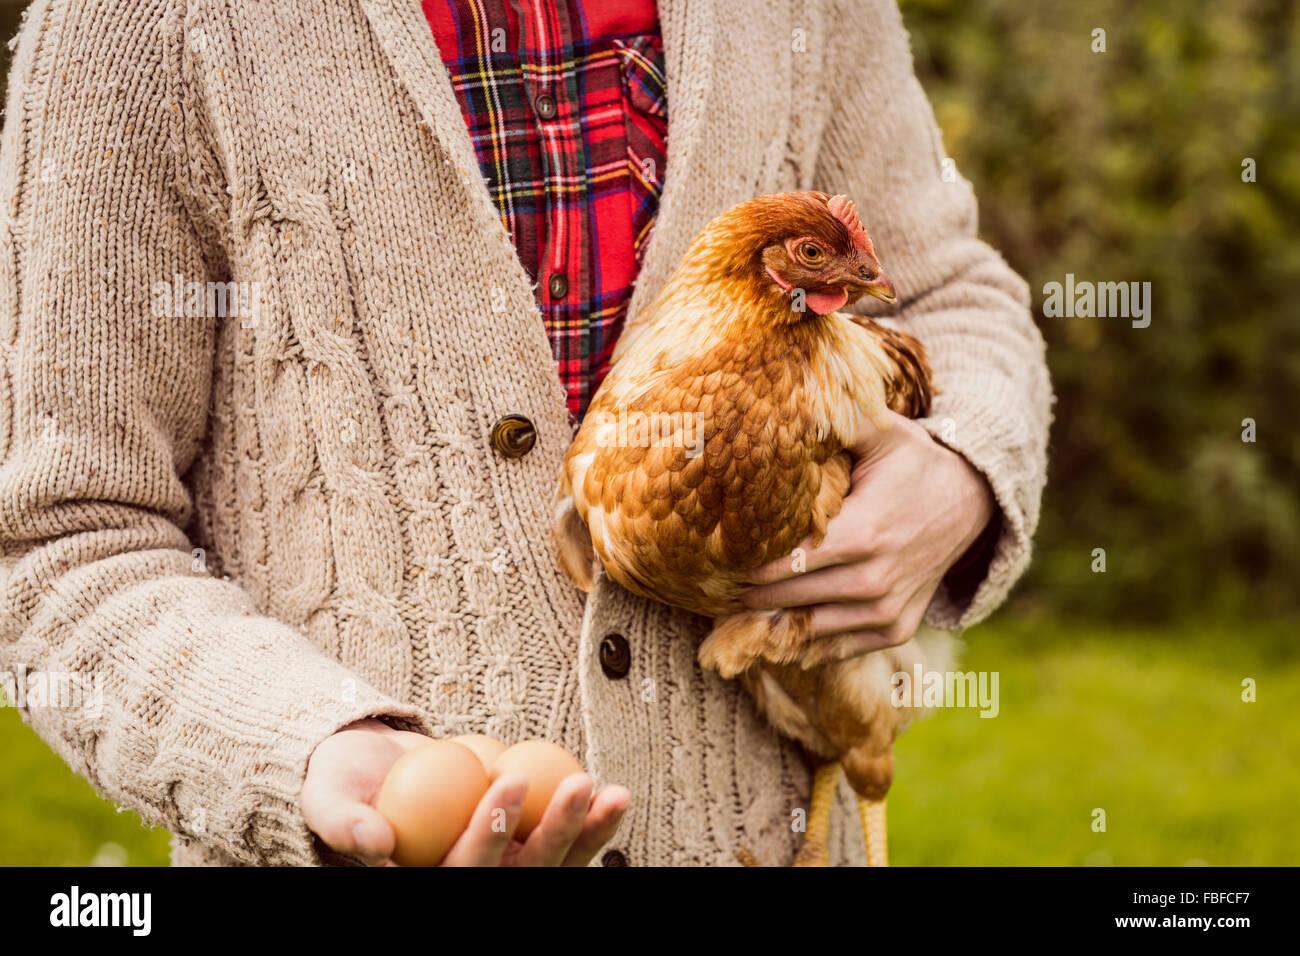 Uomo con pollo e uovo Immagini Stock